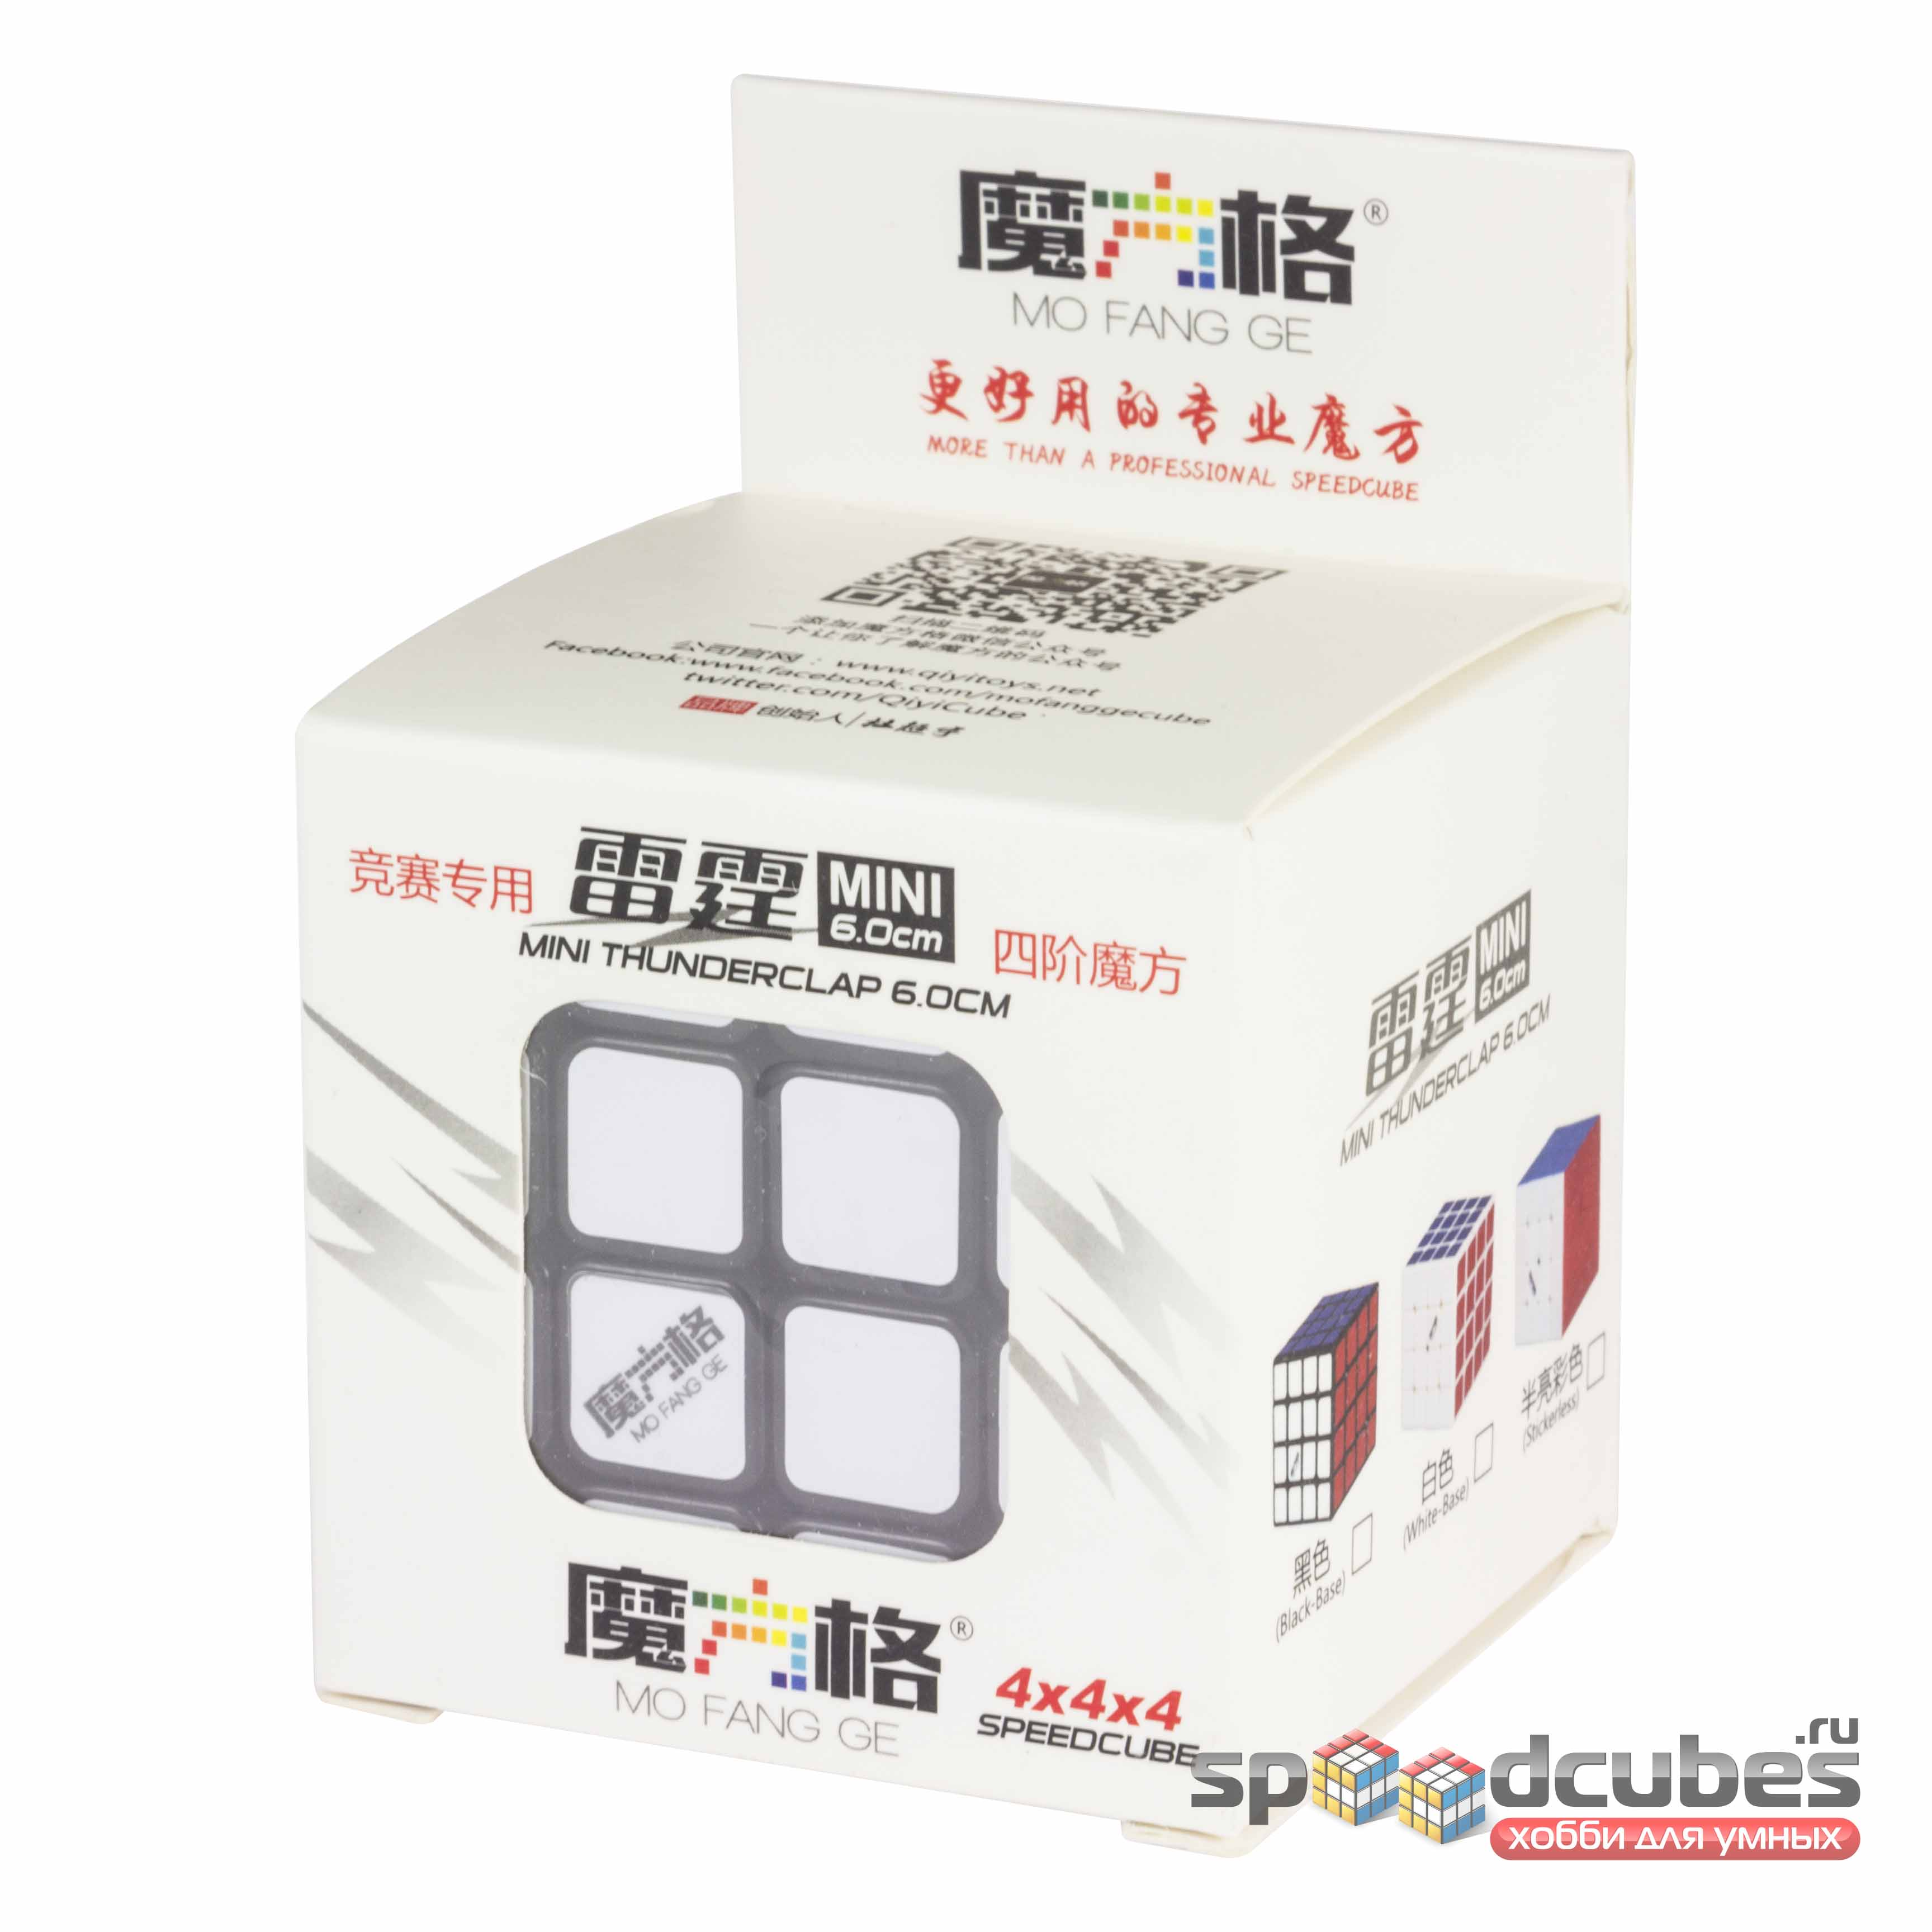 QiYi (MoFangGe) 4x4x4 Thunderclap 6,0 Cm 1